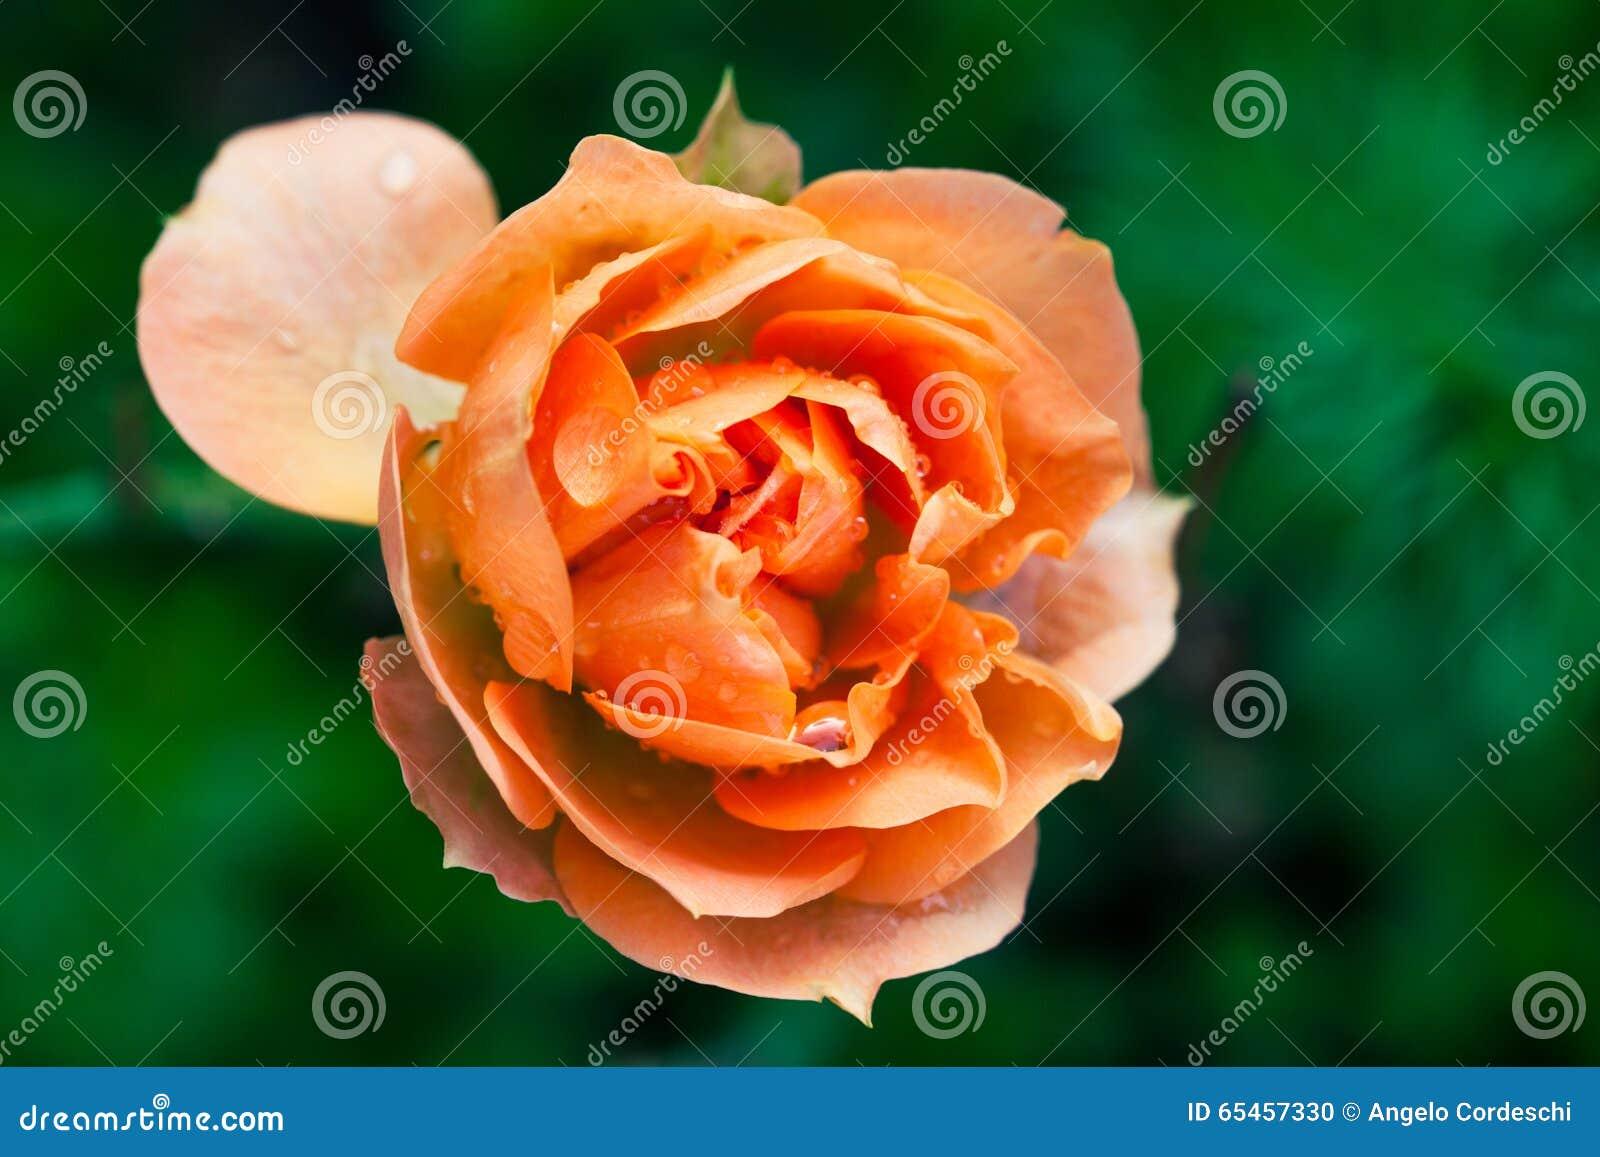 Machen Sie rosafarbene Blumenmakrophotographie nass Orange rosa Farben